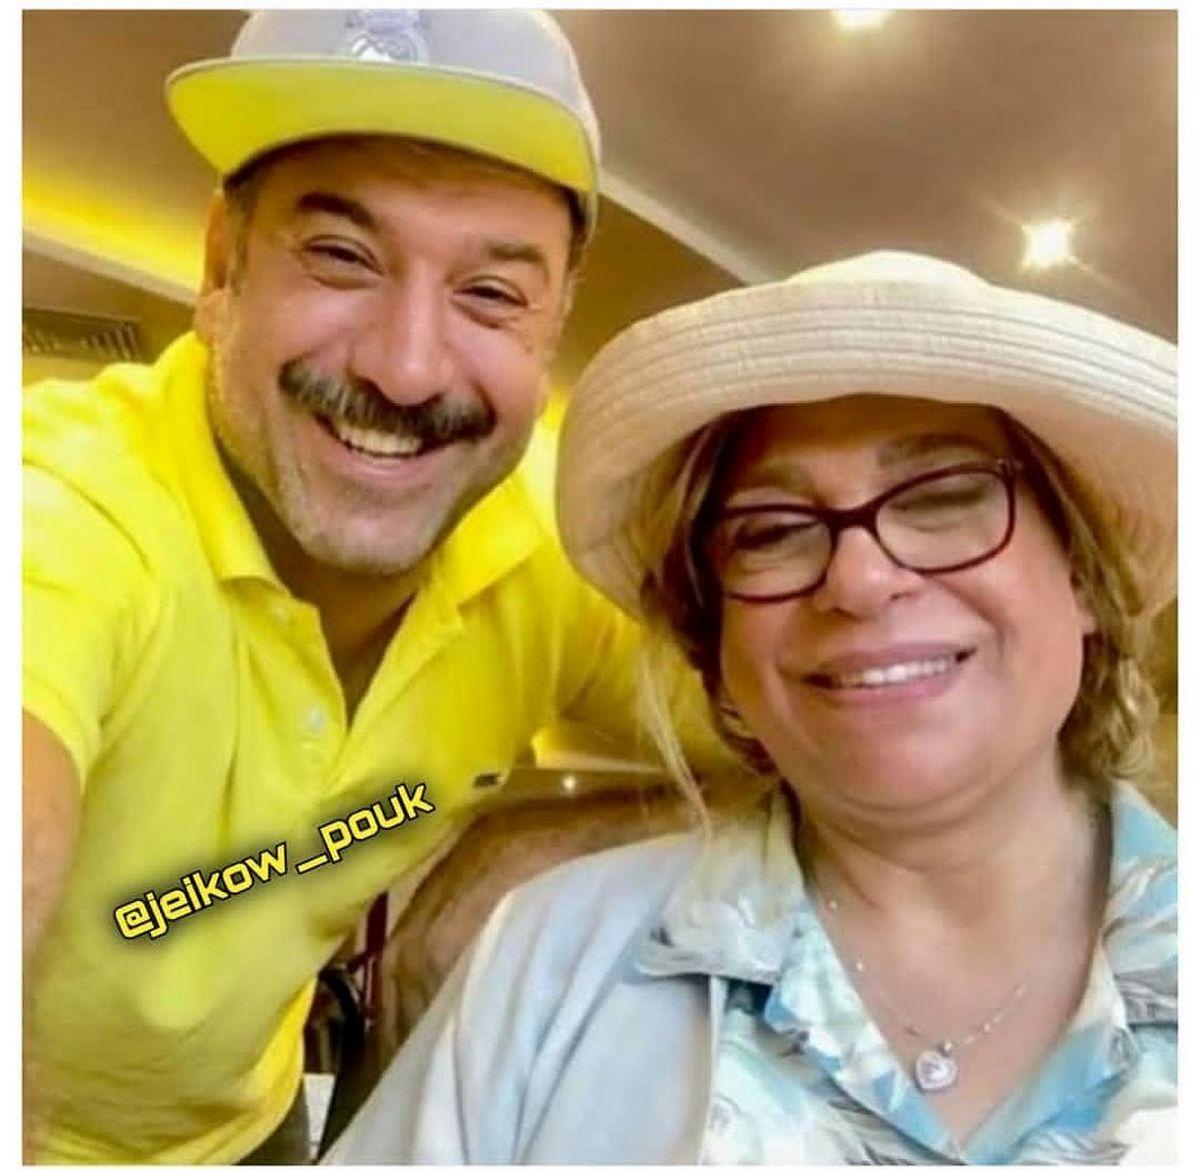 ماجرای ازدواج علی انصاریان با خانم بازیگر قبل از ابتلا به کرونا + عکس